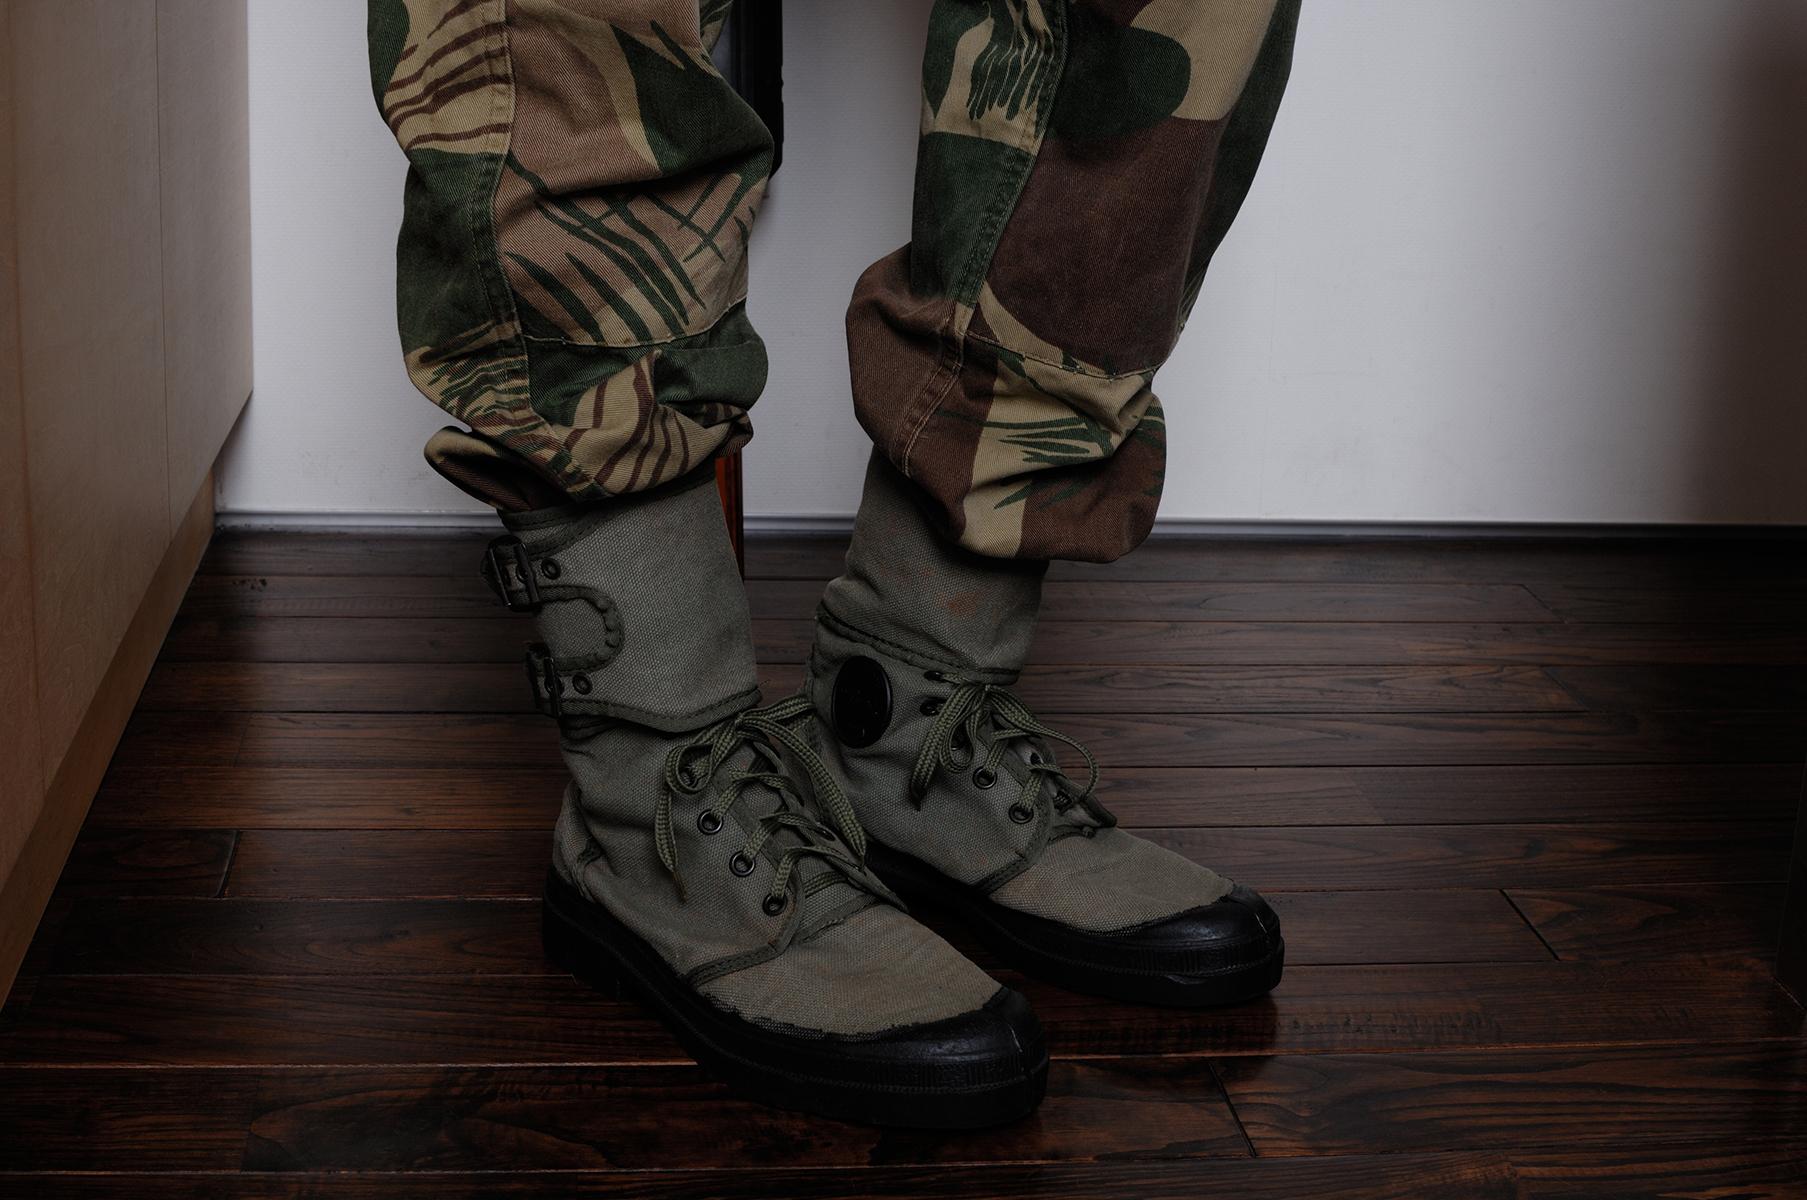 フランス外人部隊トロピカル・コンバットブーツ